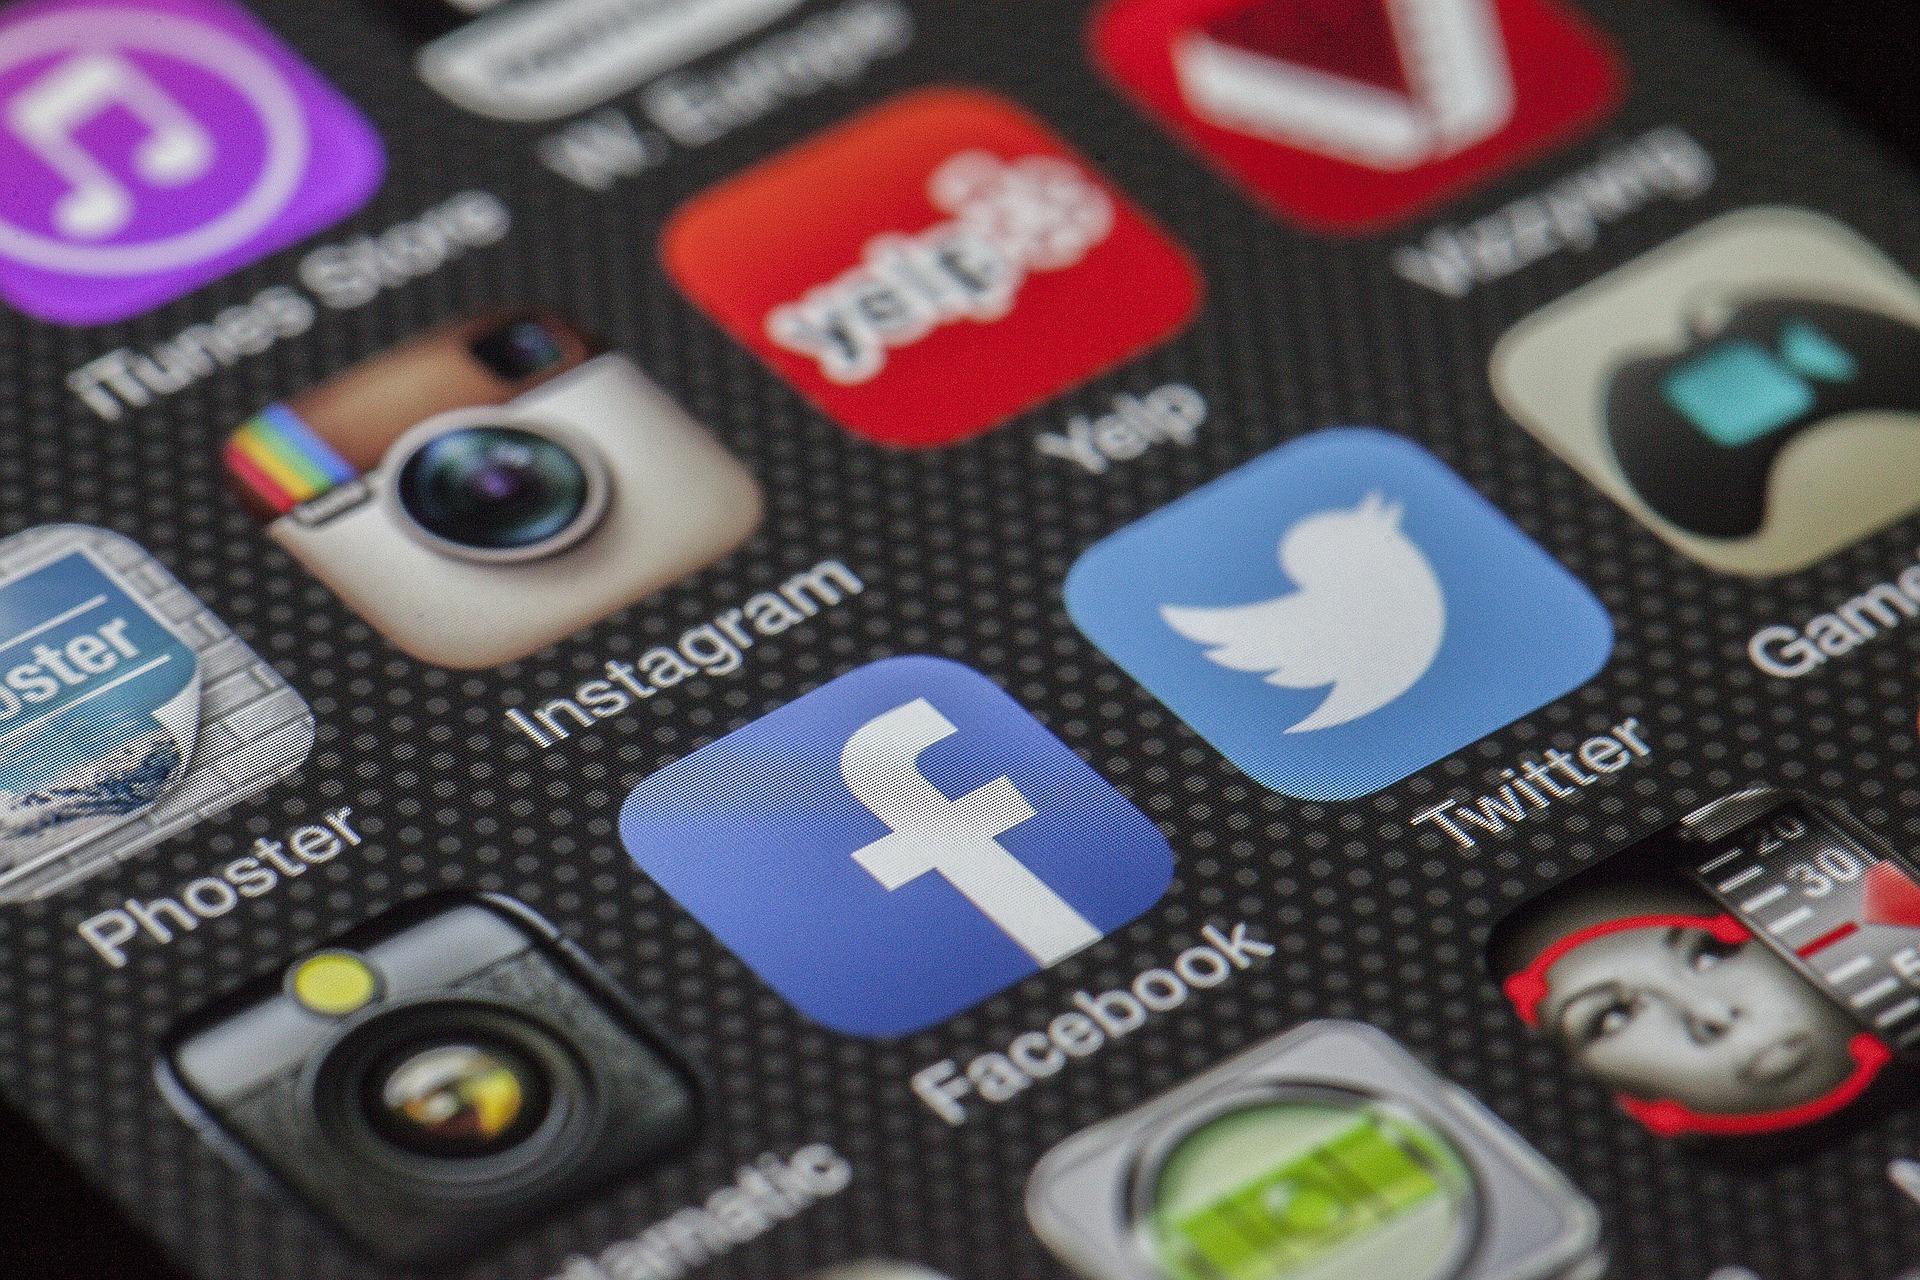 スマホ機種変更でアプリを確実に引き継ぐための2ステップ【iPhone・Android対応】